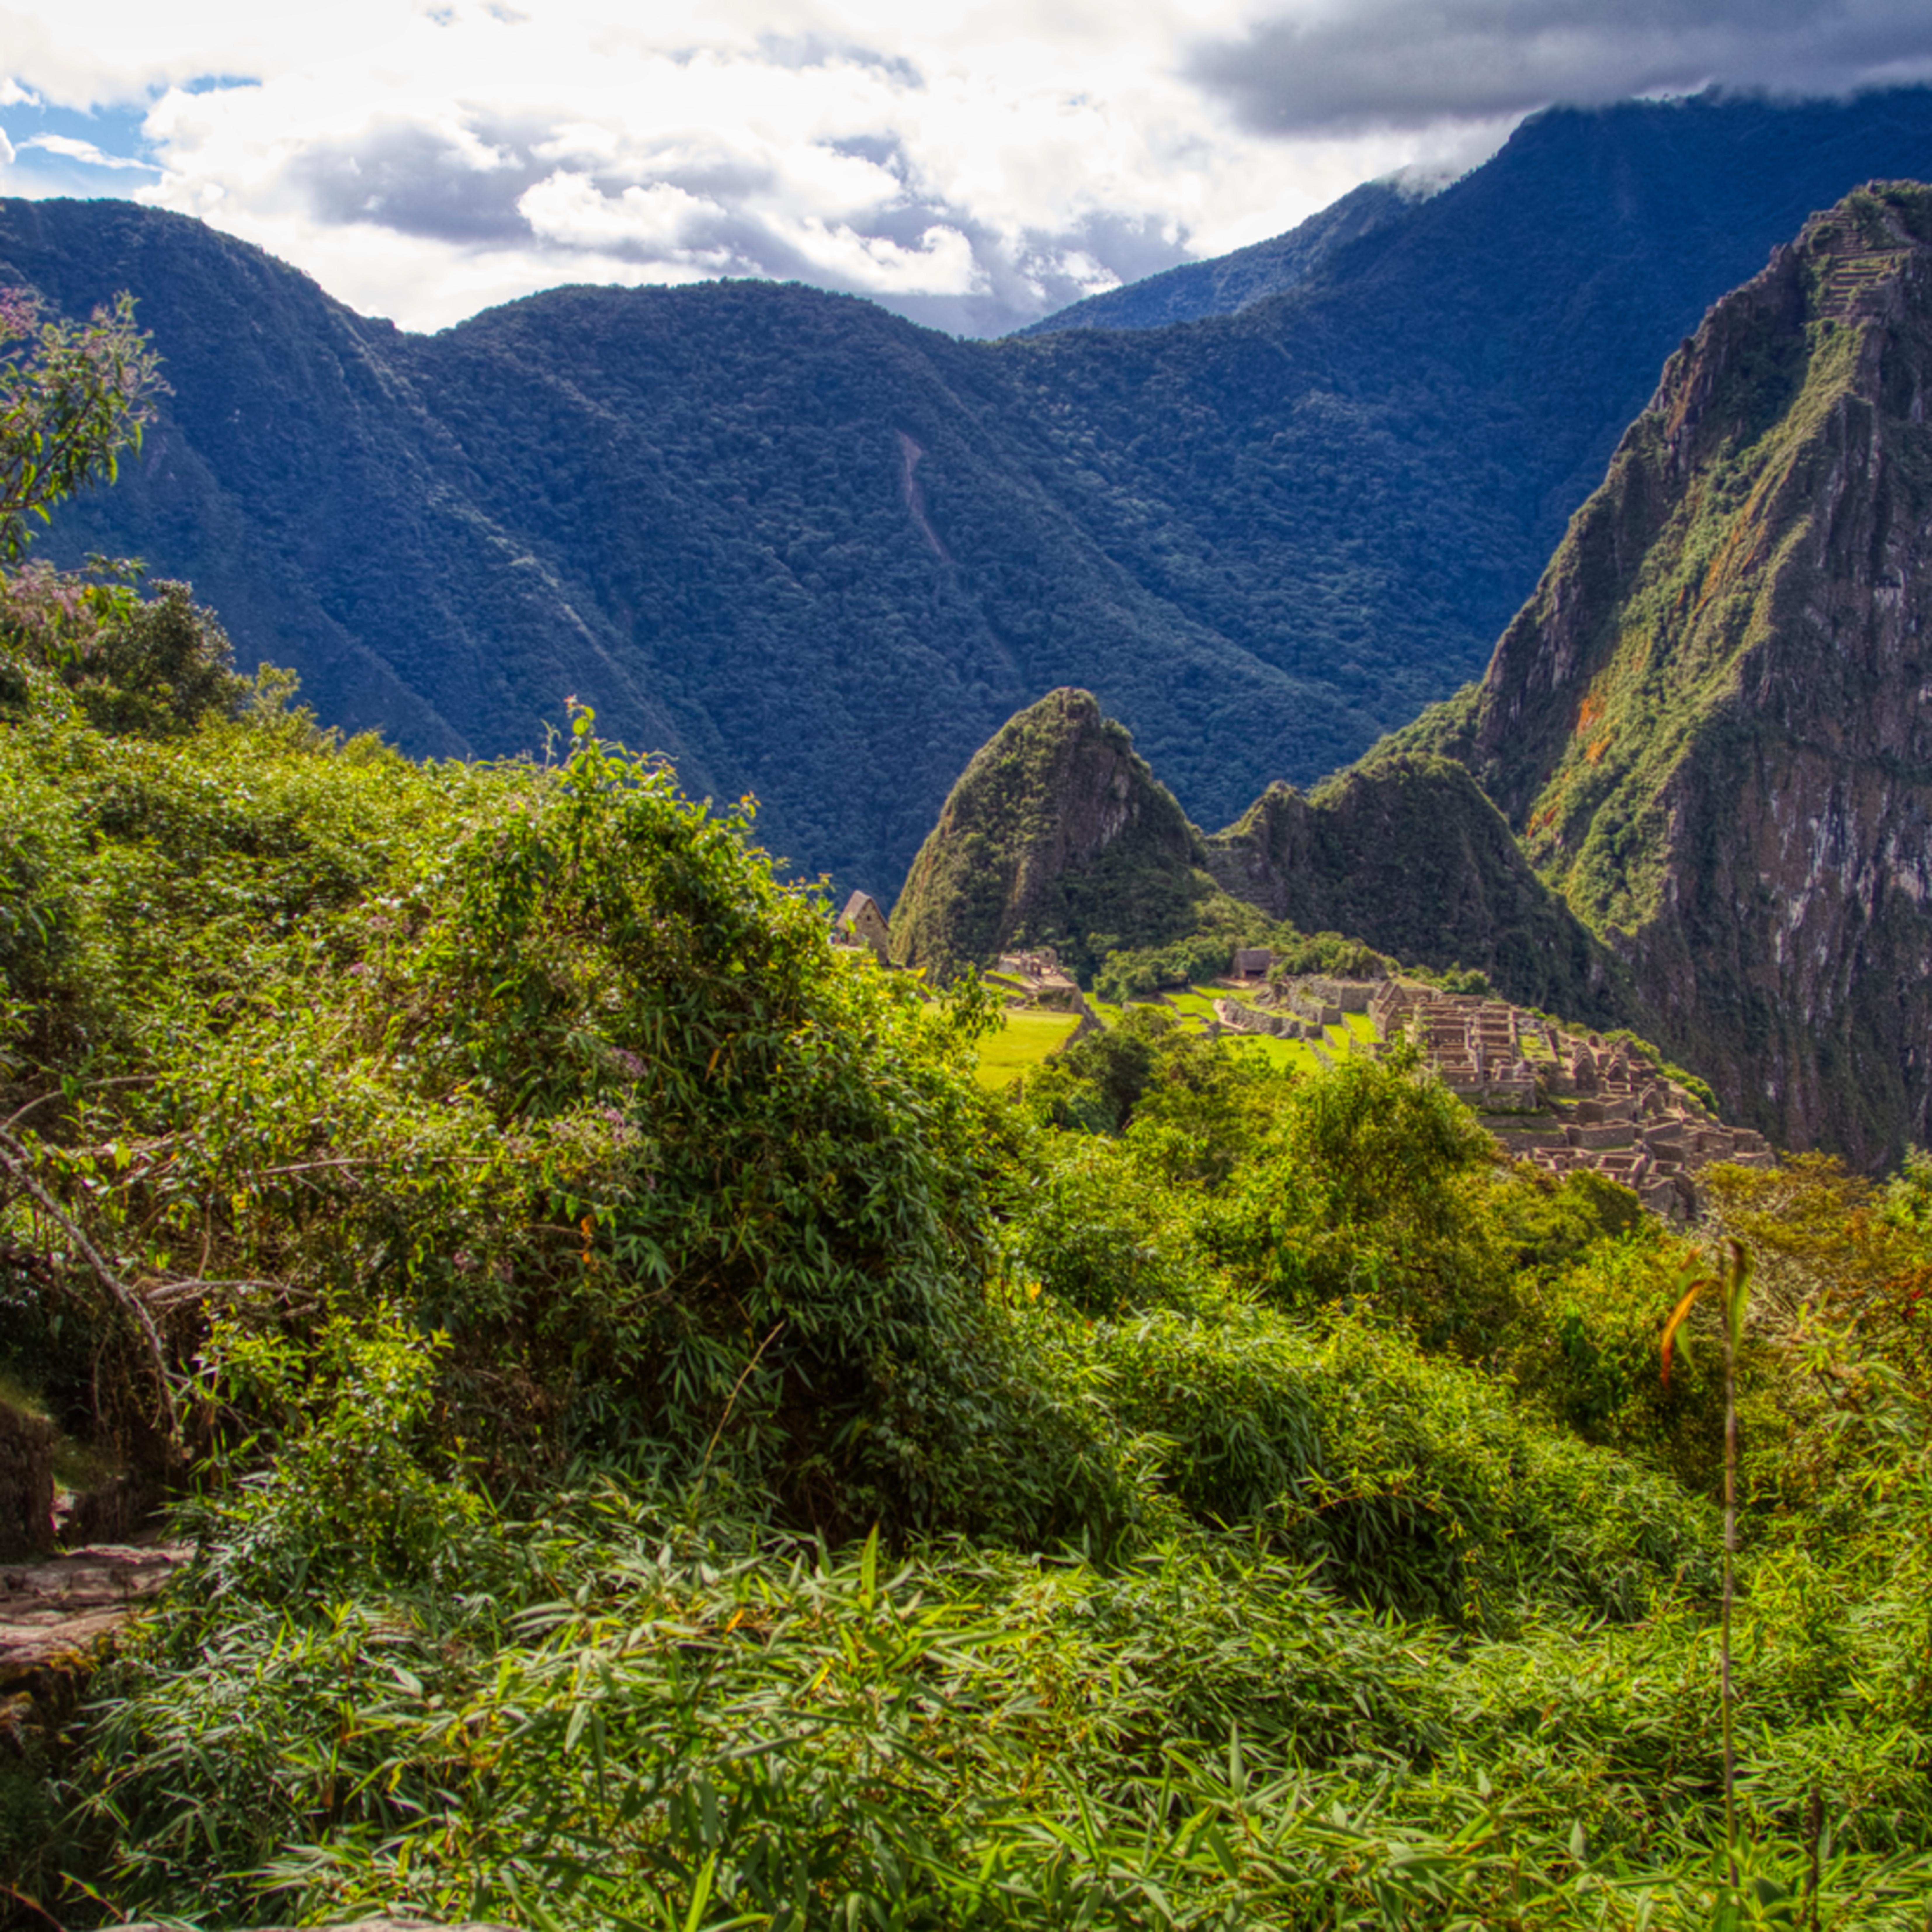 Trail2machupicchu mjqtbx